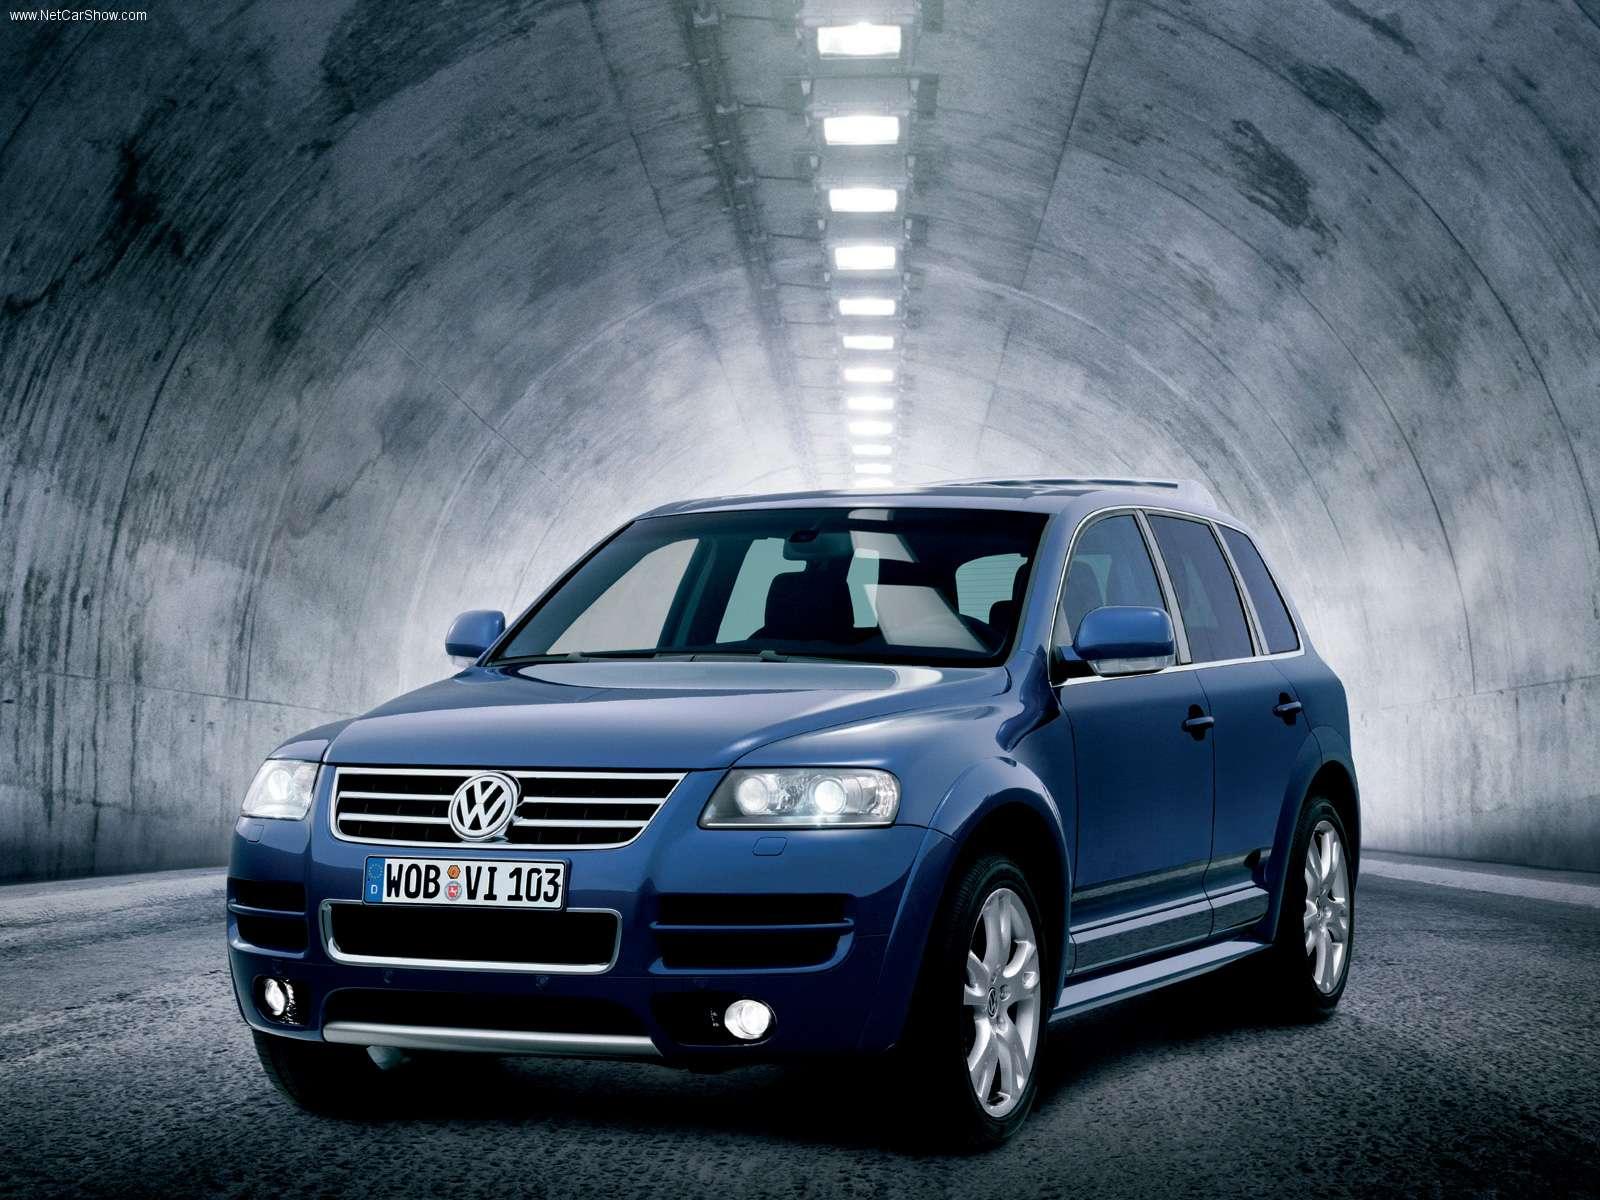 Volkswagen Touareg Wallpapers 24 1600x1200